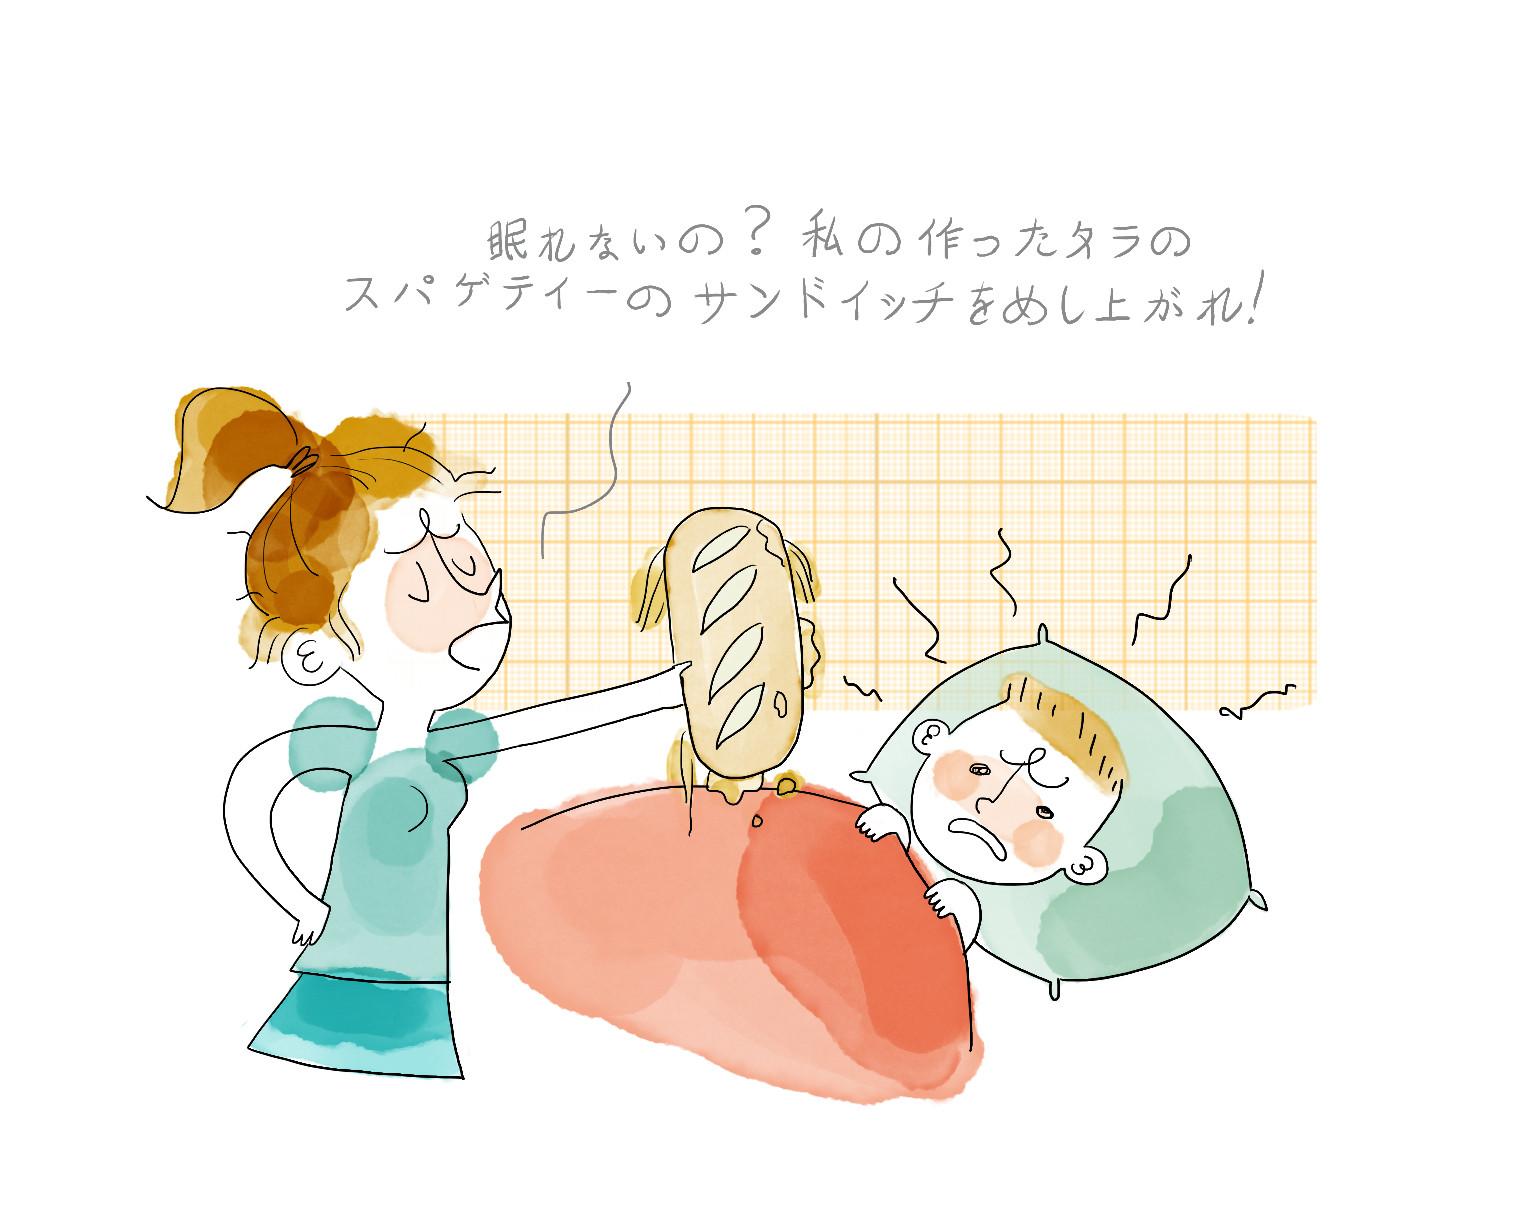 なる 糖分 眠く